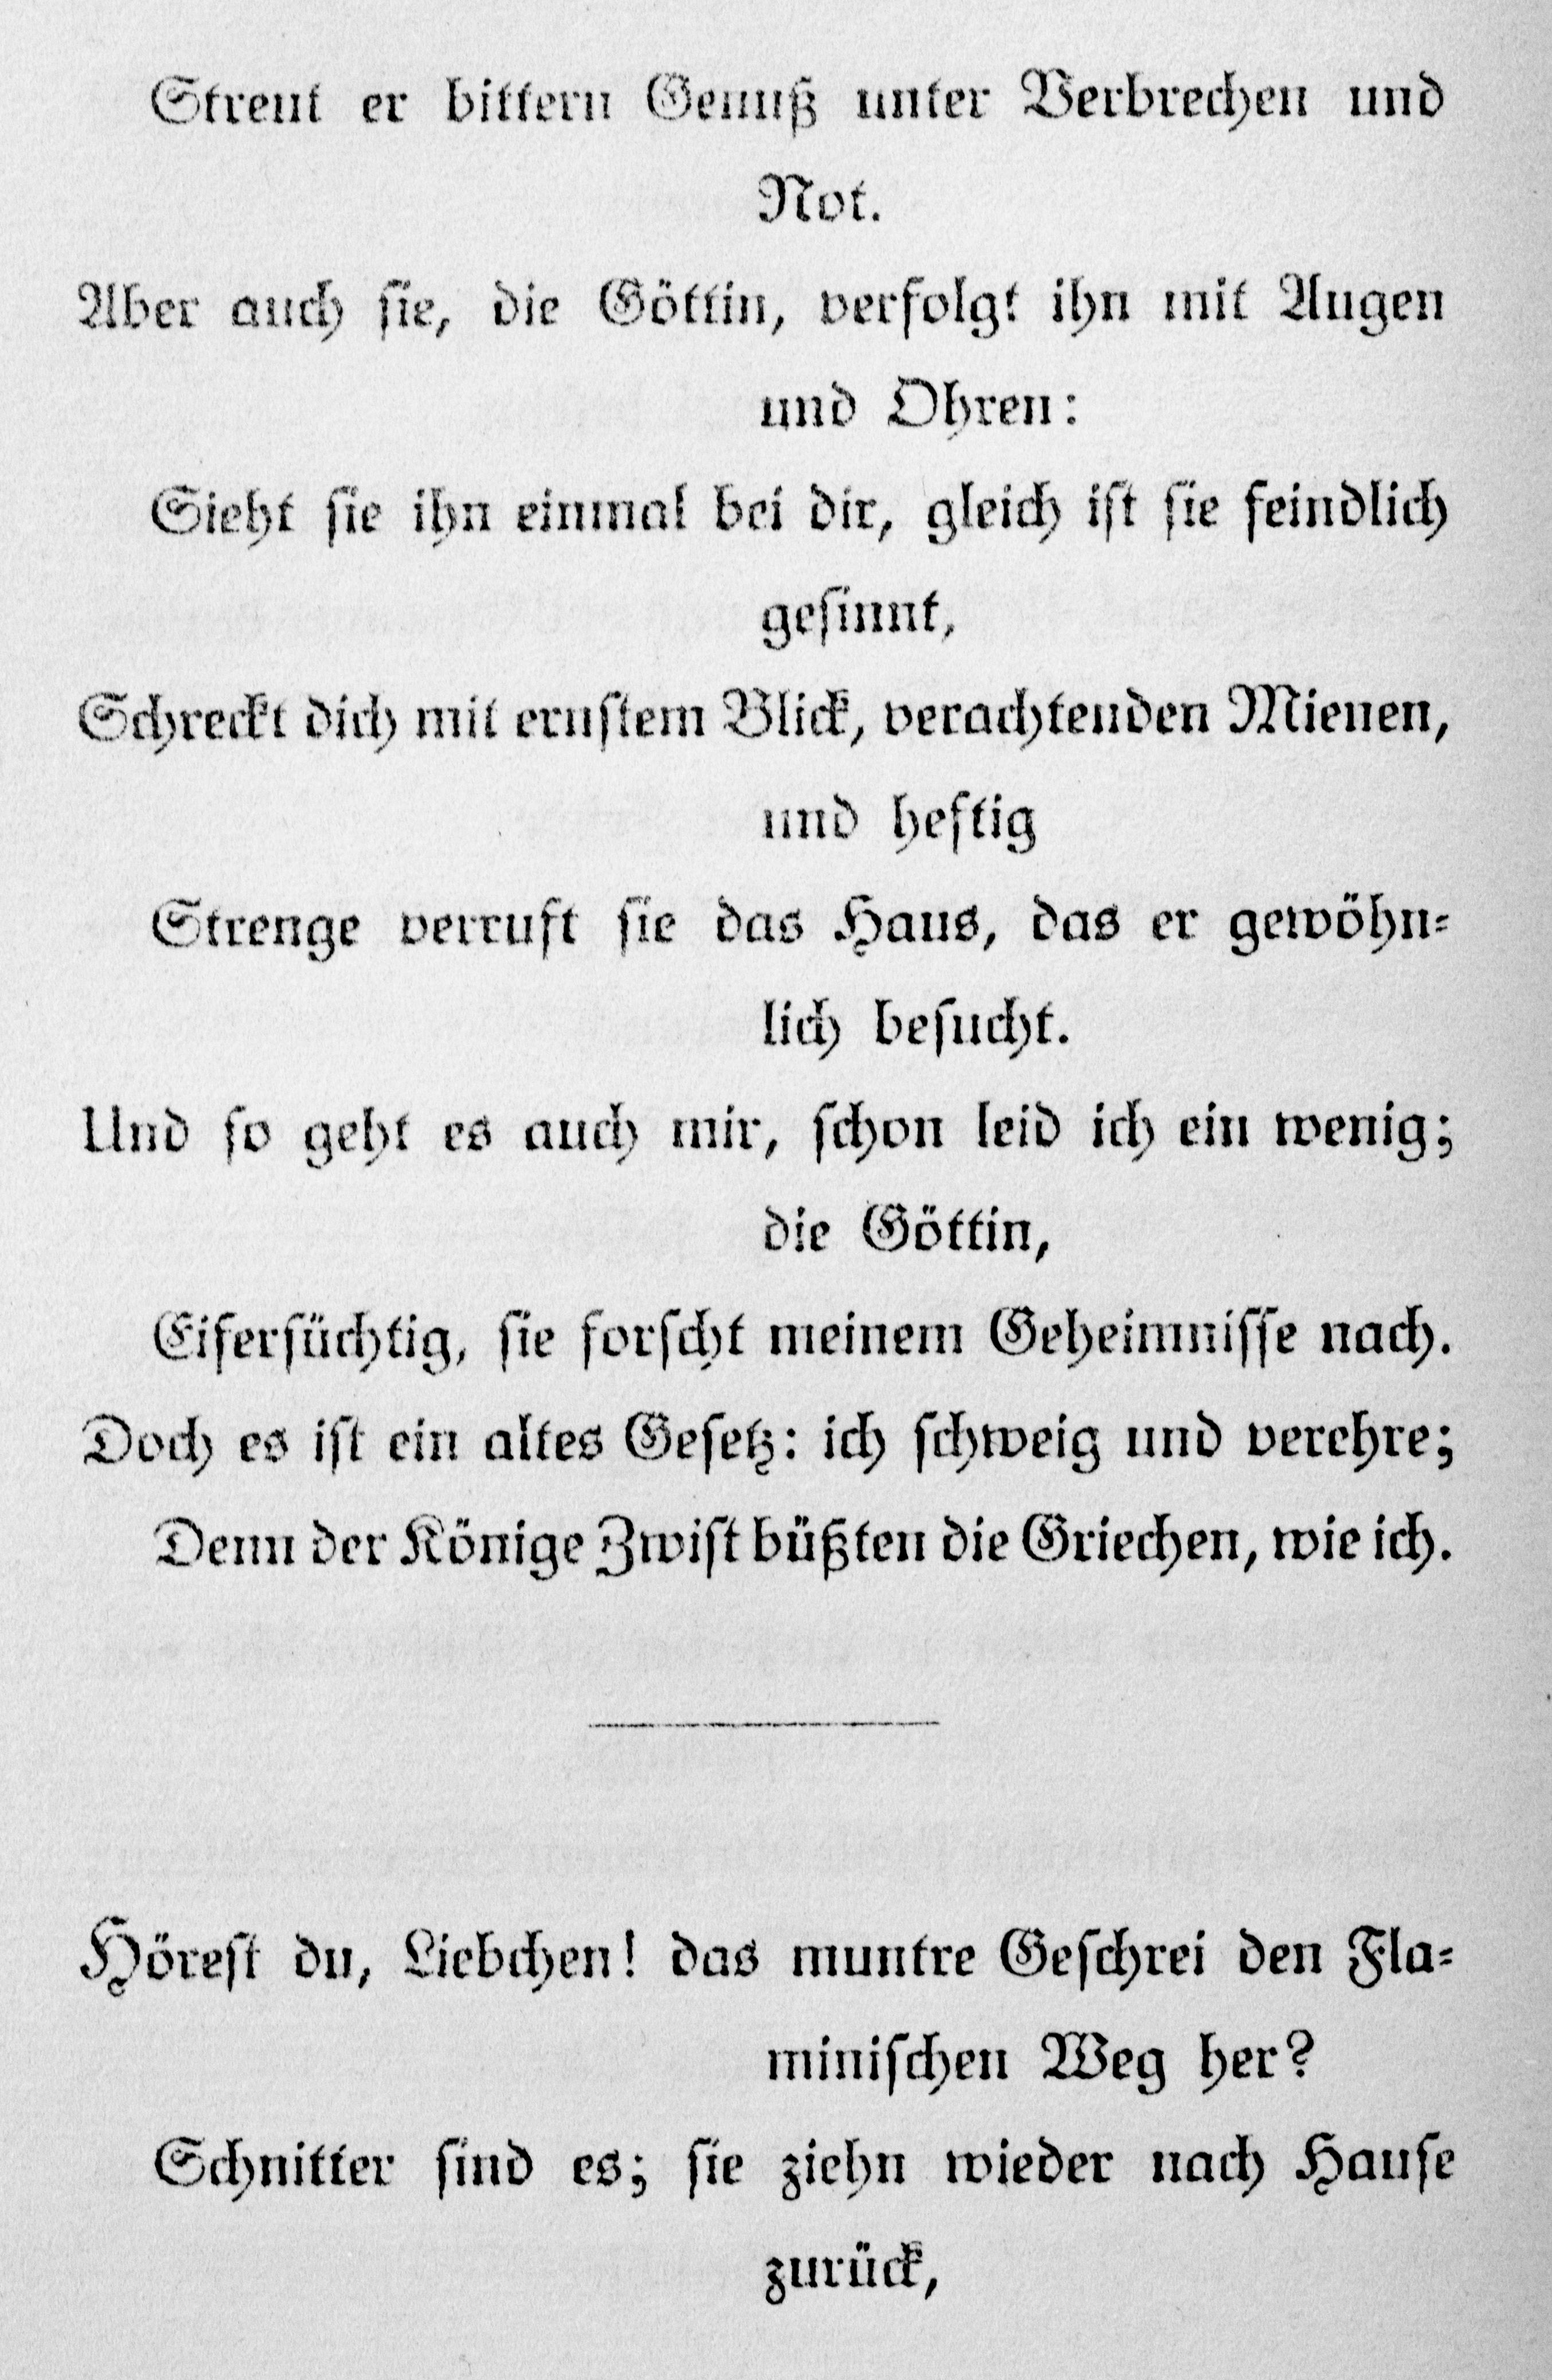 Filedeutsch Liebesgedichte Goethe 23jpg Wikimedia Commons